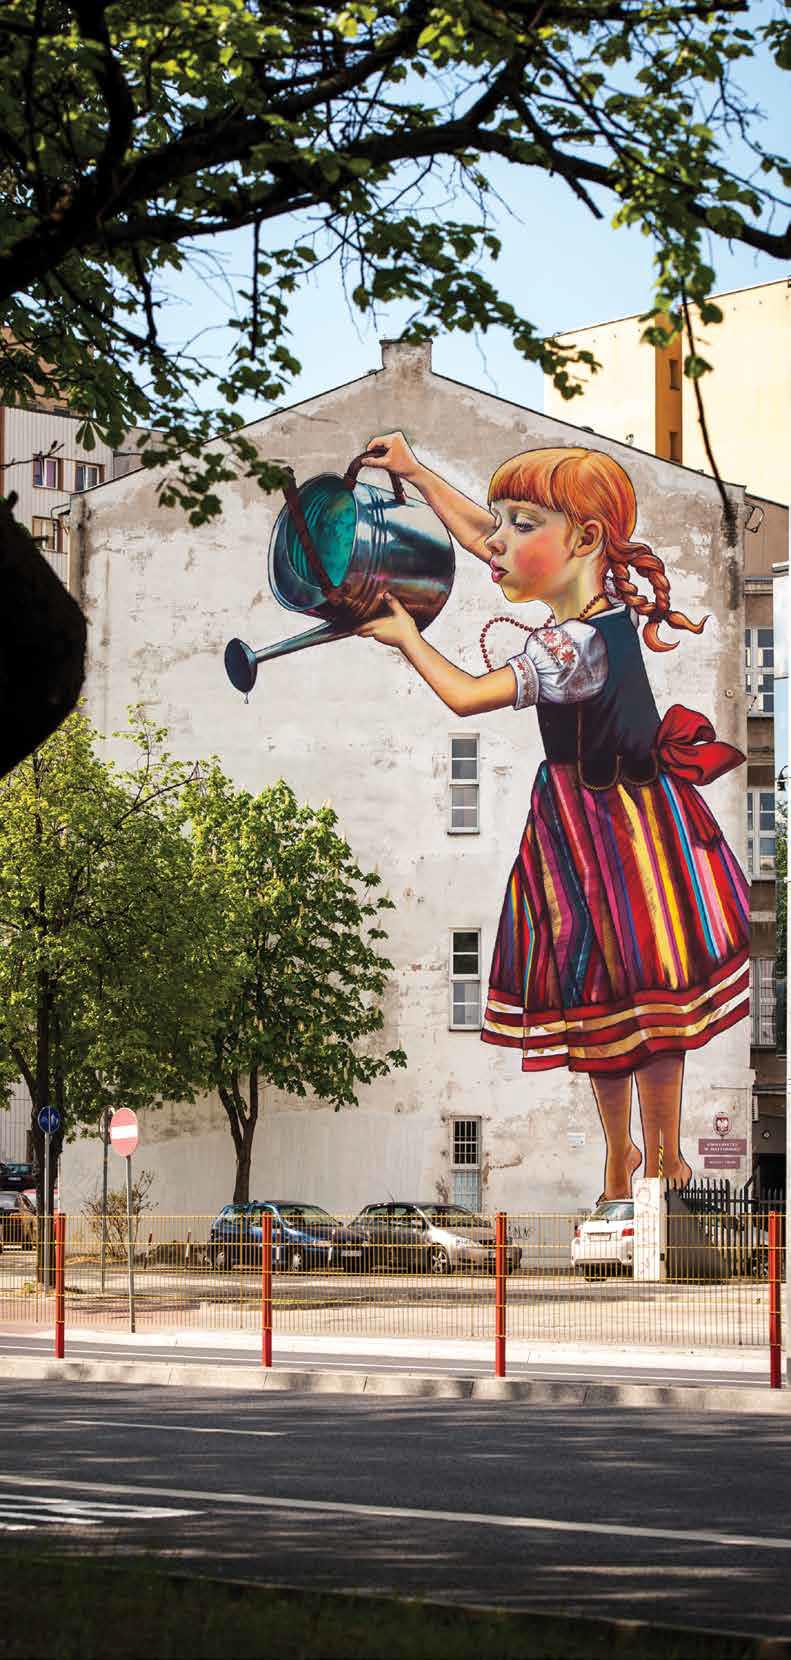 Miasto w obronie dziewczynki z konewk wschodz cy for Mural dziewczynka z konewka